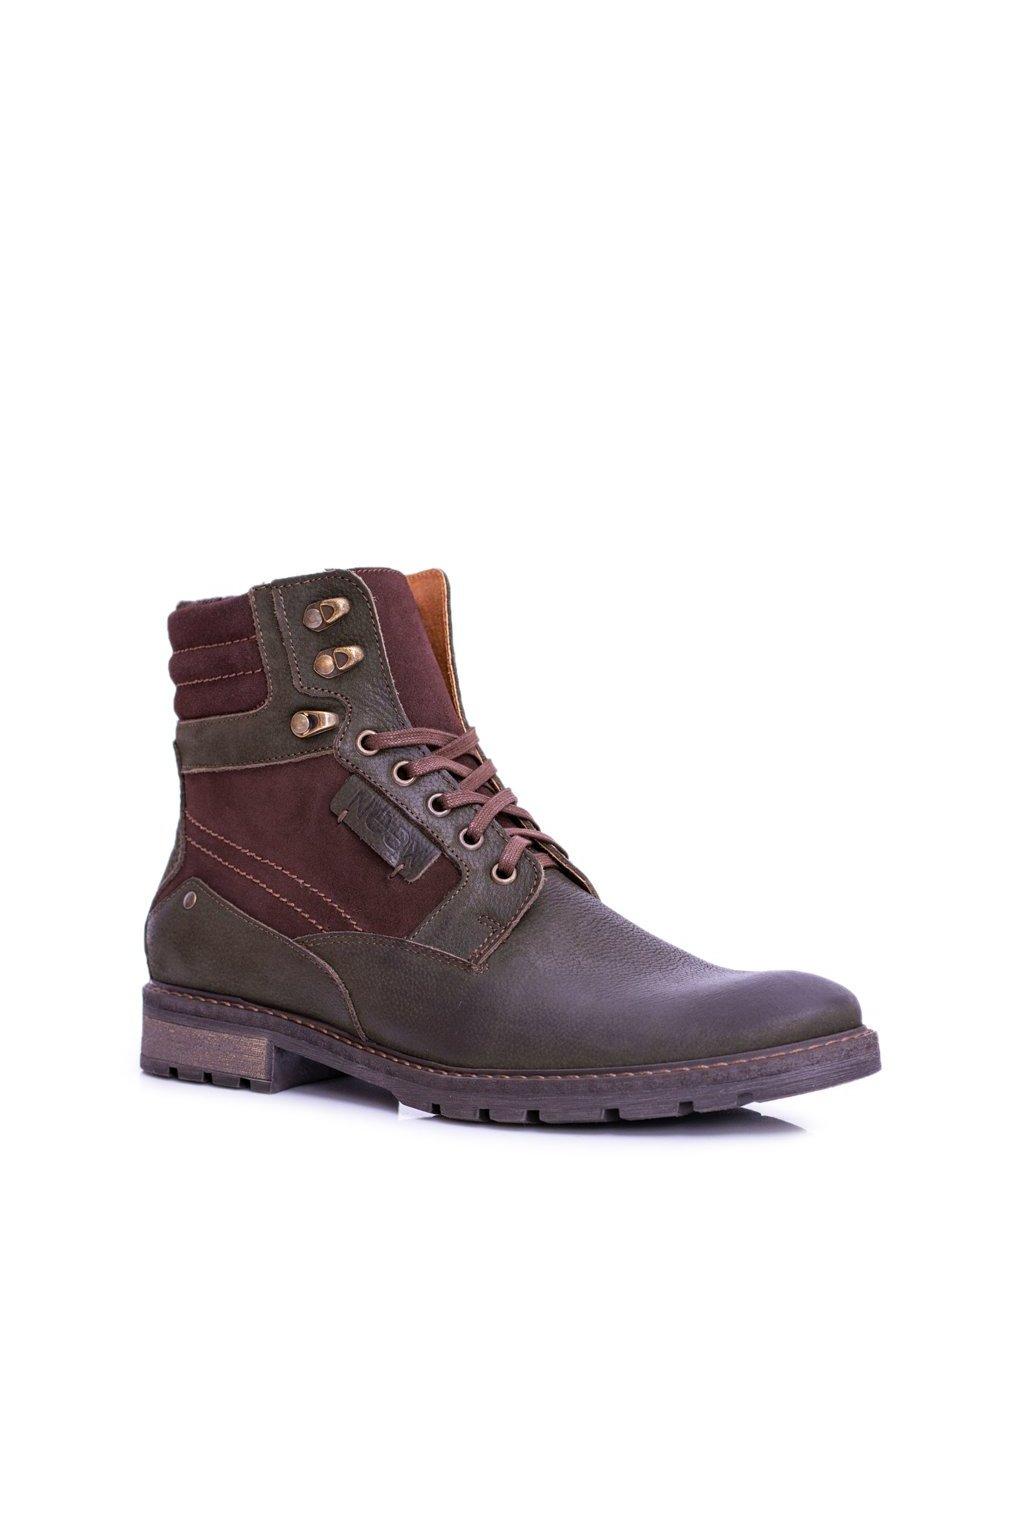 Pánske topánky na zimu farba zelená kód obuvi 297F OLIVE FLOTER